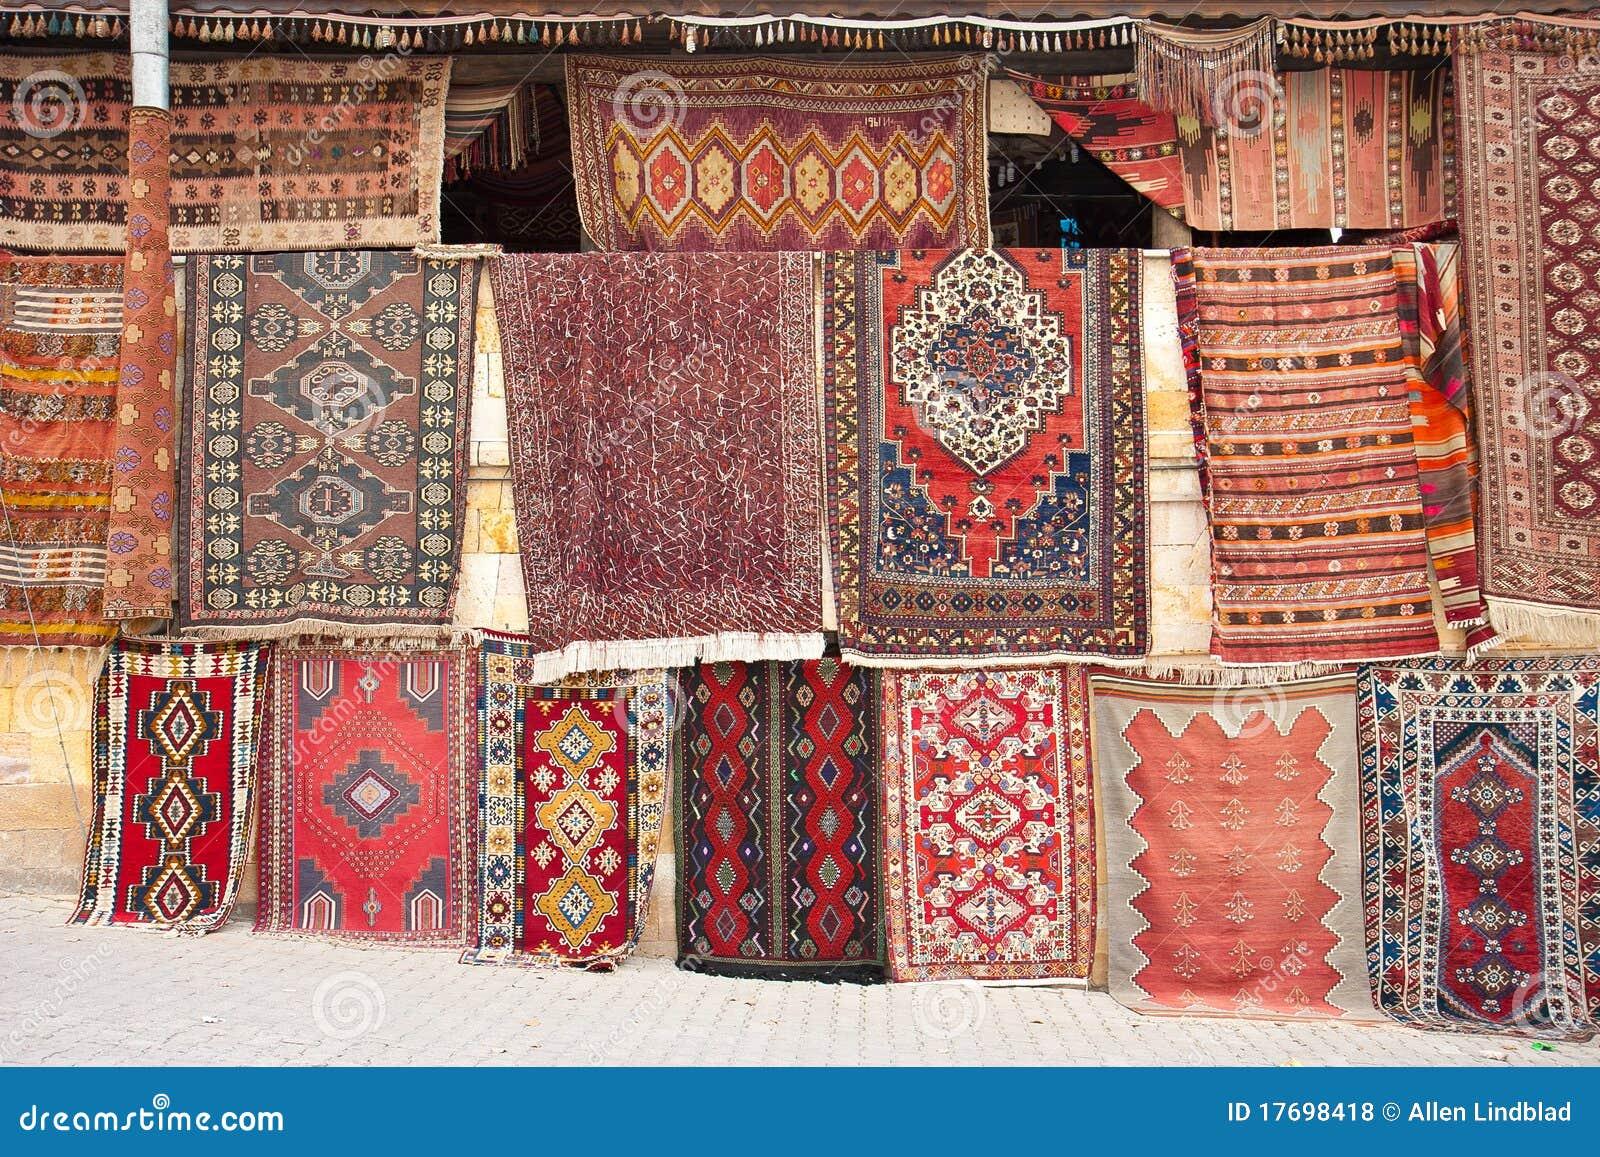 Hanging Rugs Turkish Rugs Royalty Free Stock Photos Image 17698418